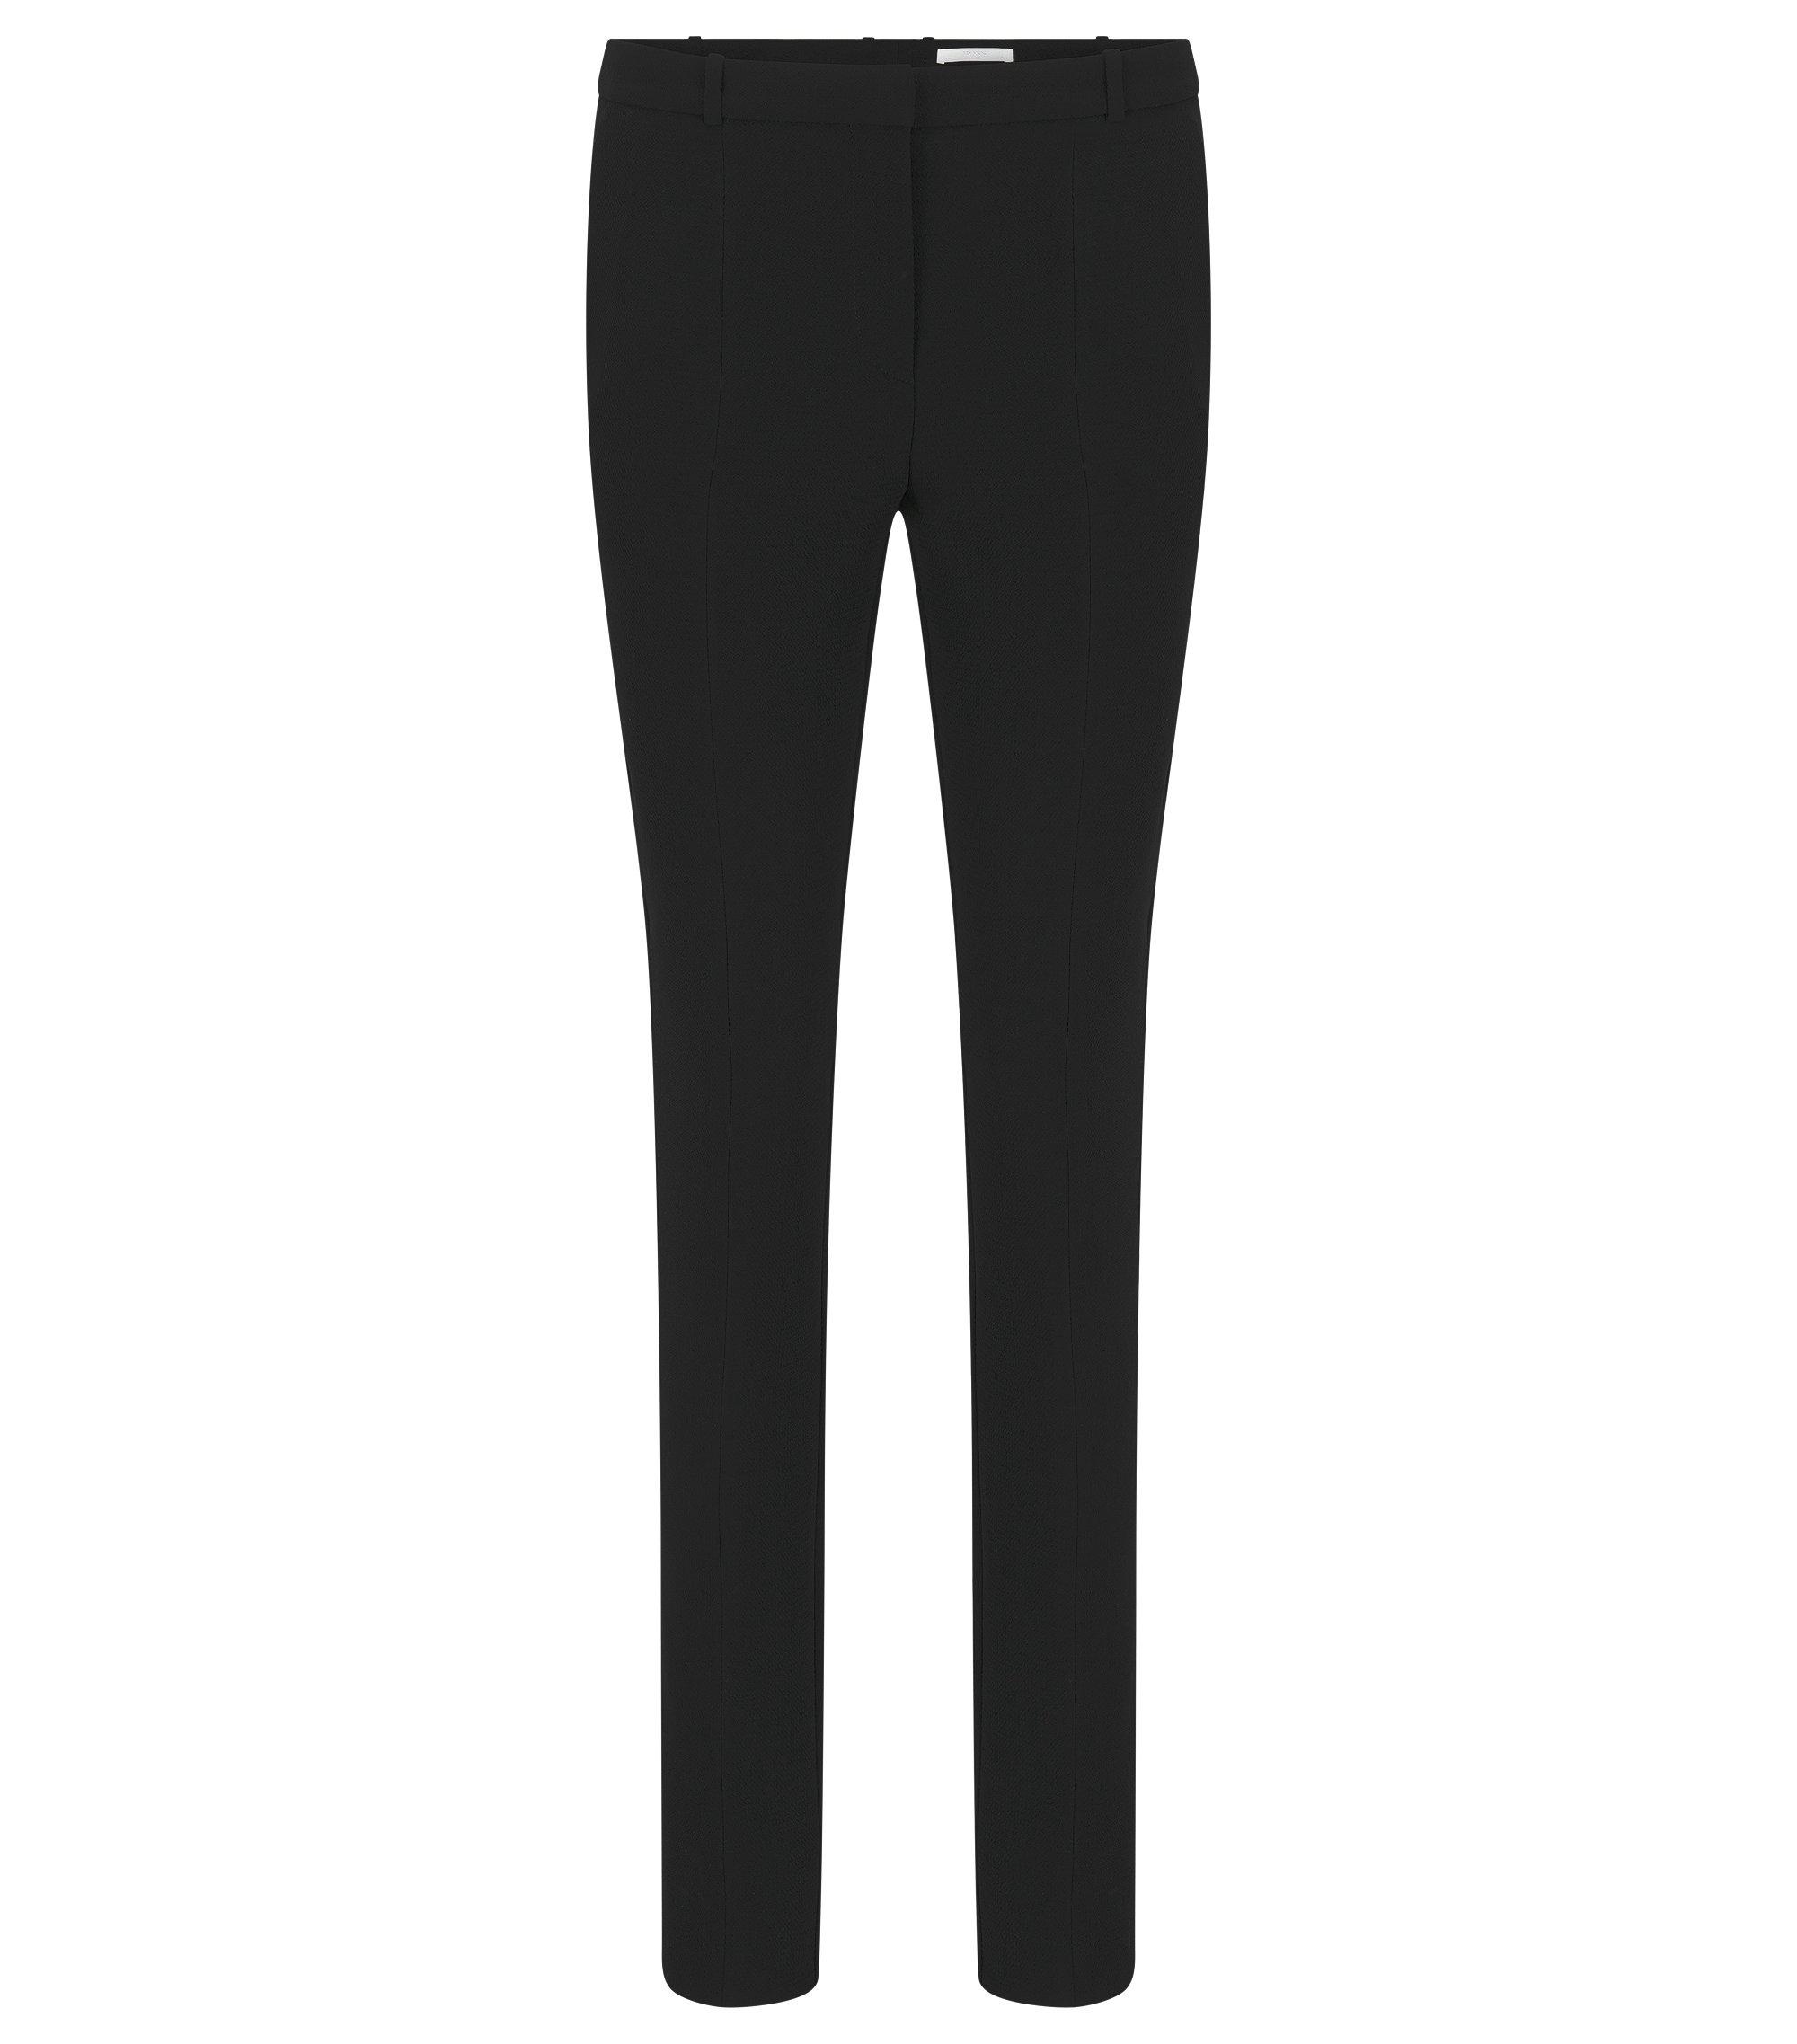 Regular-fit broek in crêpe met fijne crinklestructuur, Zwart